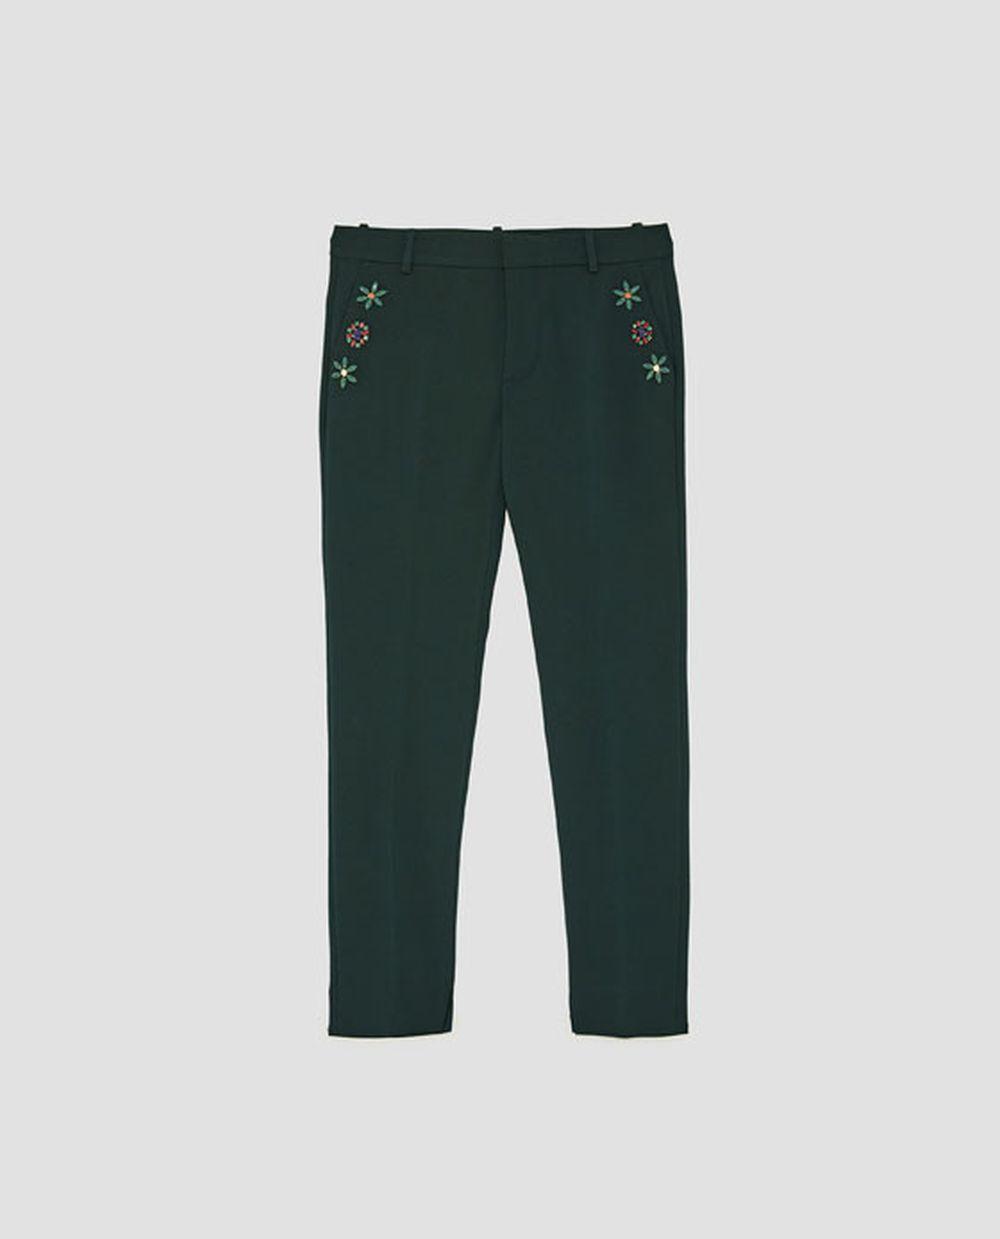 Pantalón de Zara (29,95 euros)